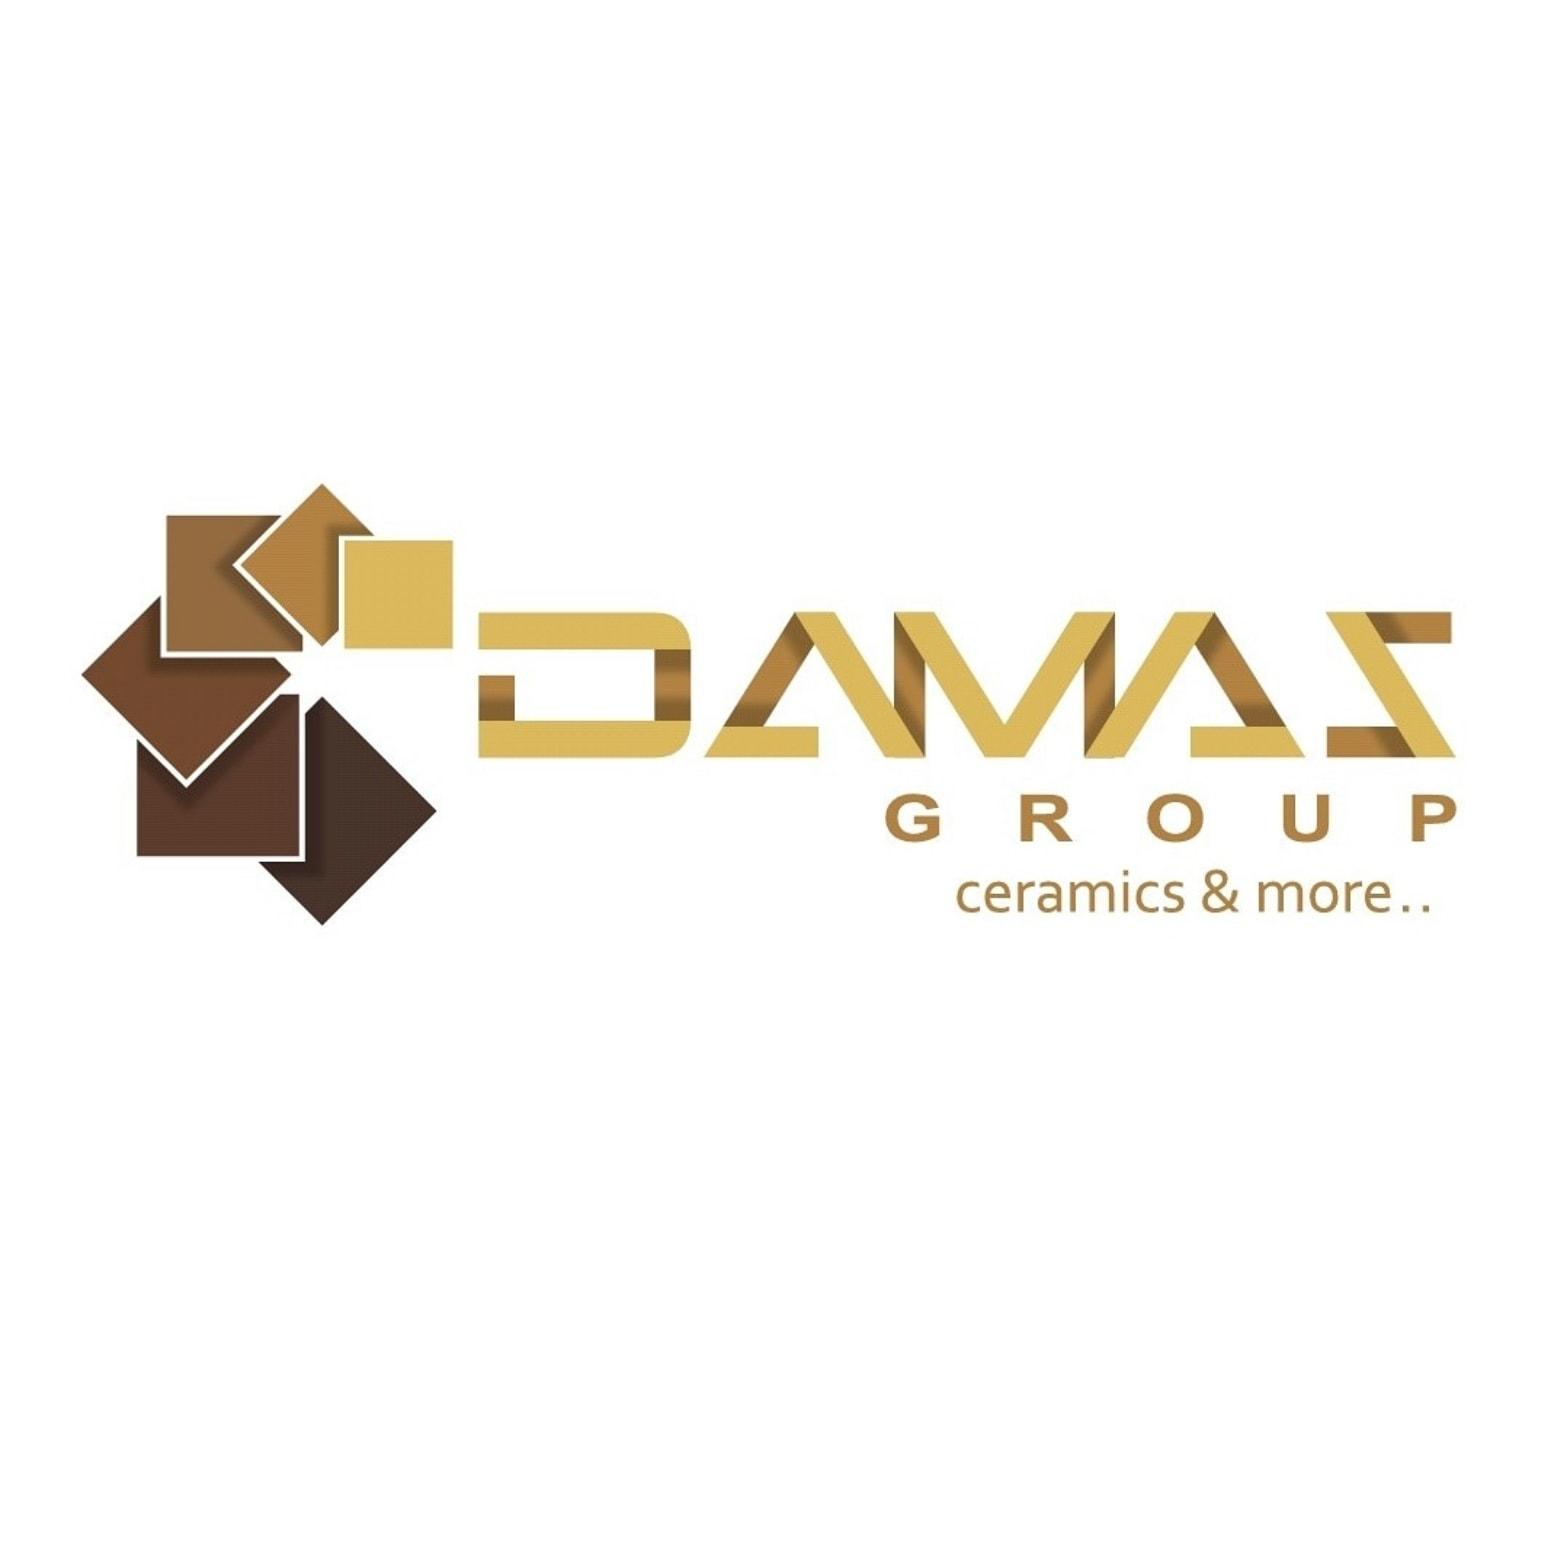 داماس جروب لتجارةمواد البناء-Damas Group